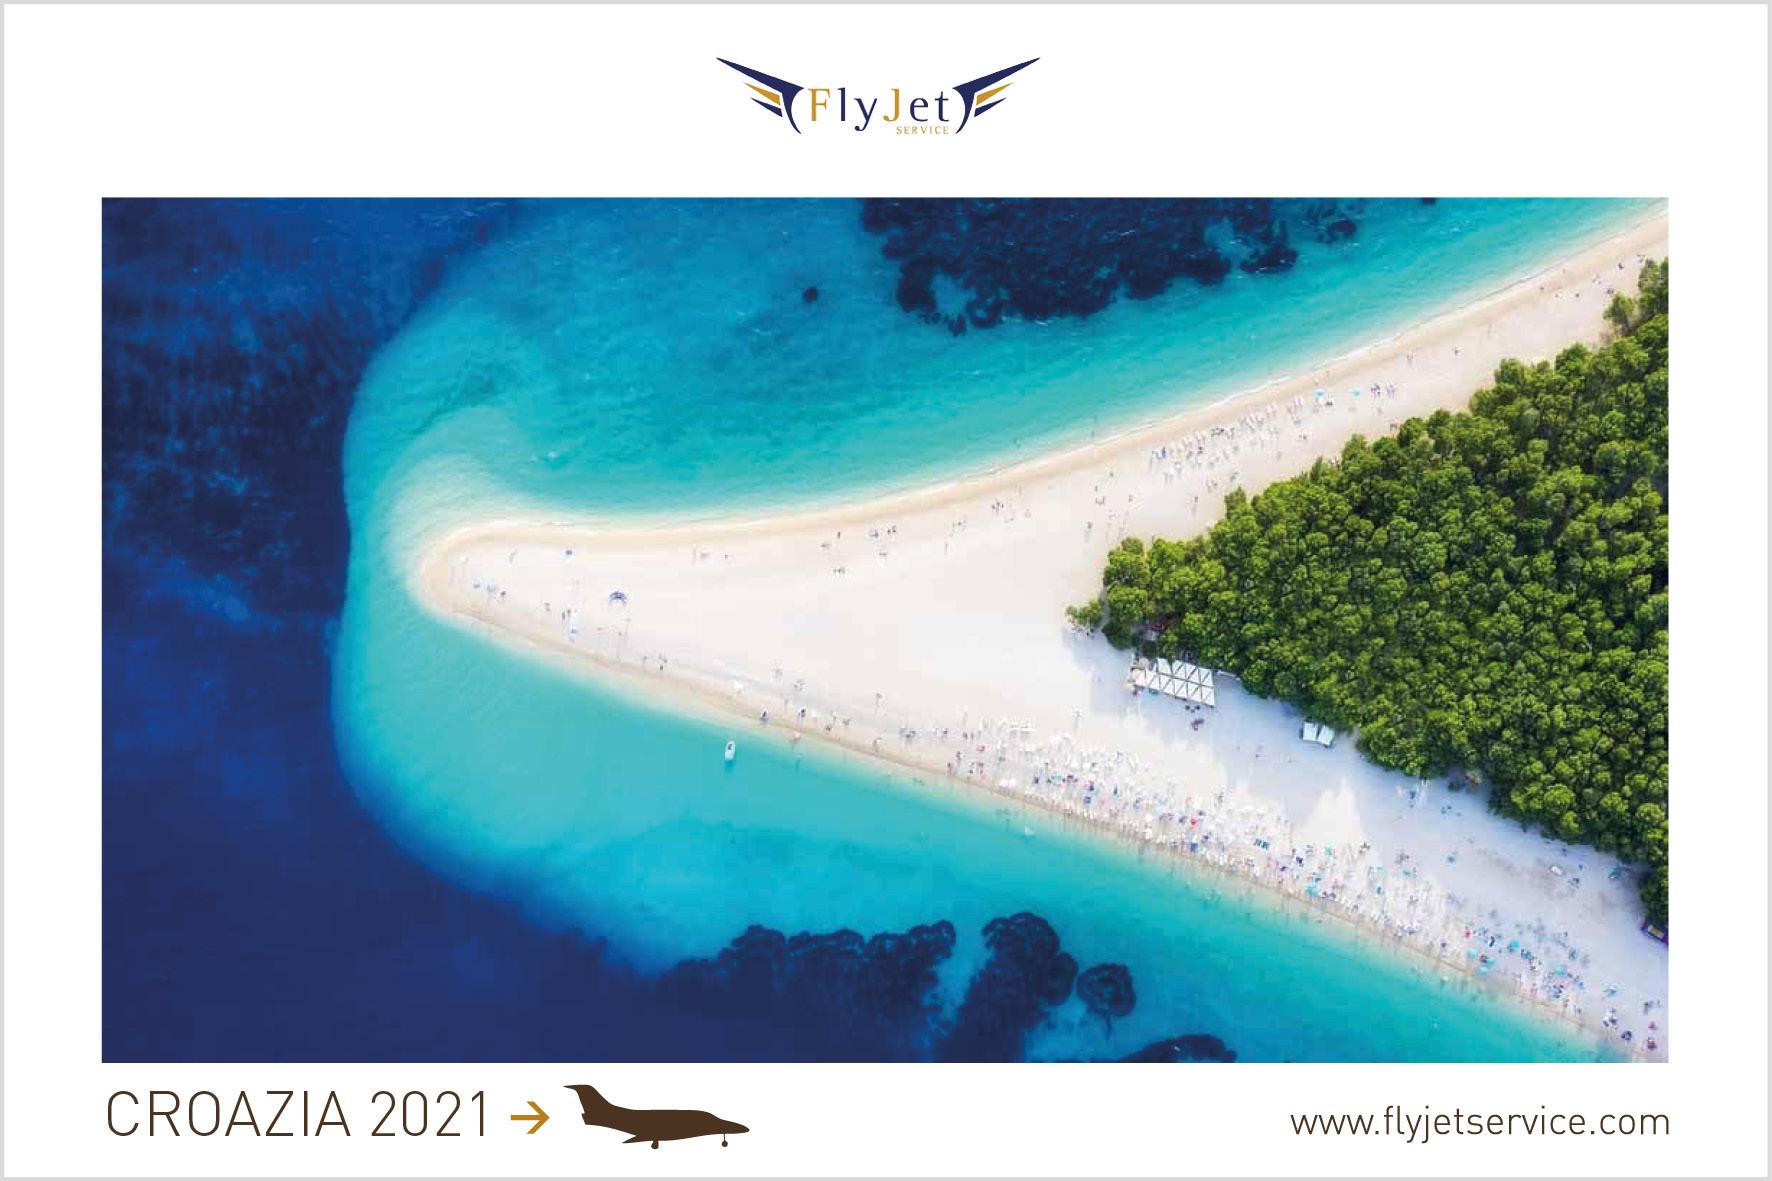 Le isole Croate si preparano al meglio per un'estate sicura e divertente, tu preparati prenotando in anticipo il volo in jet privato.